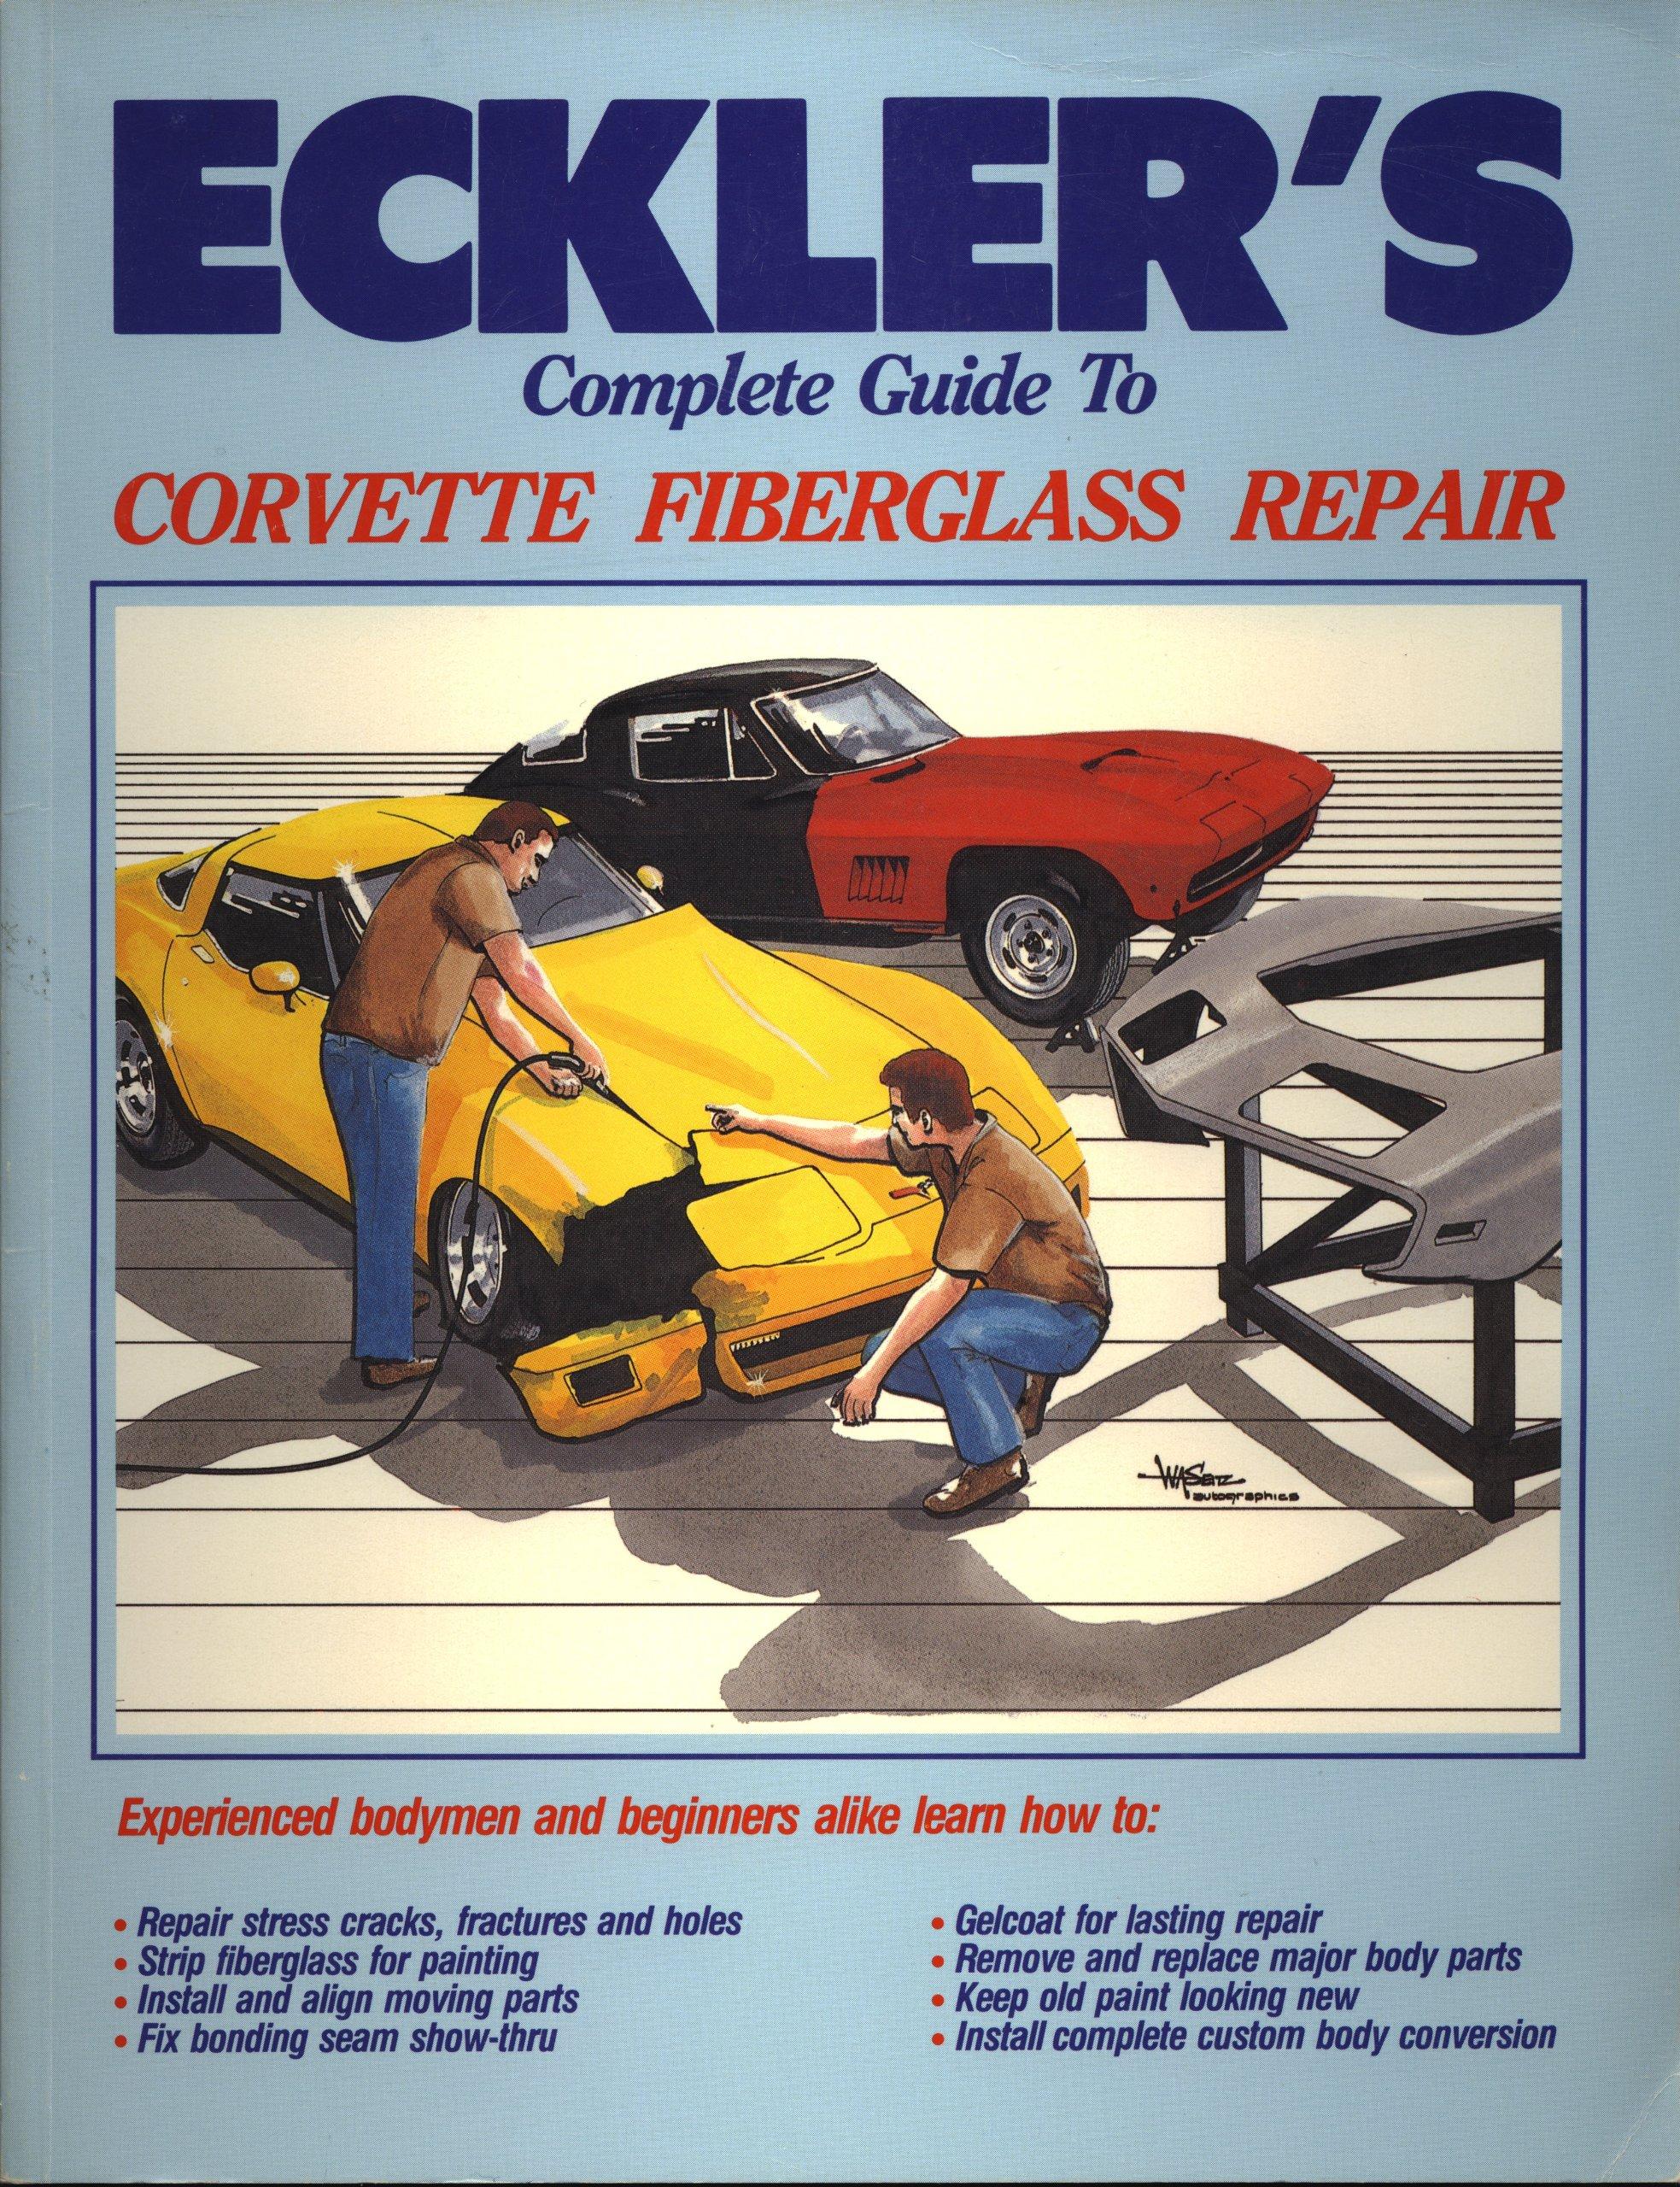 Ecklers Complete Guide to Corvette Fiberglass Repair Paperback – 1988